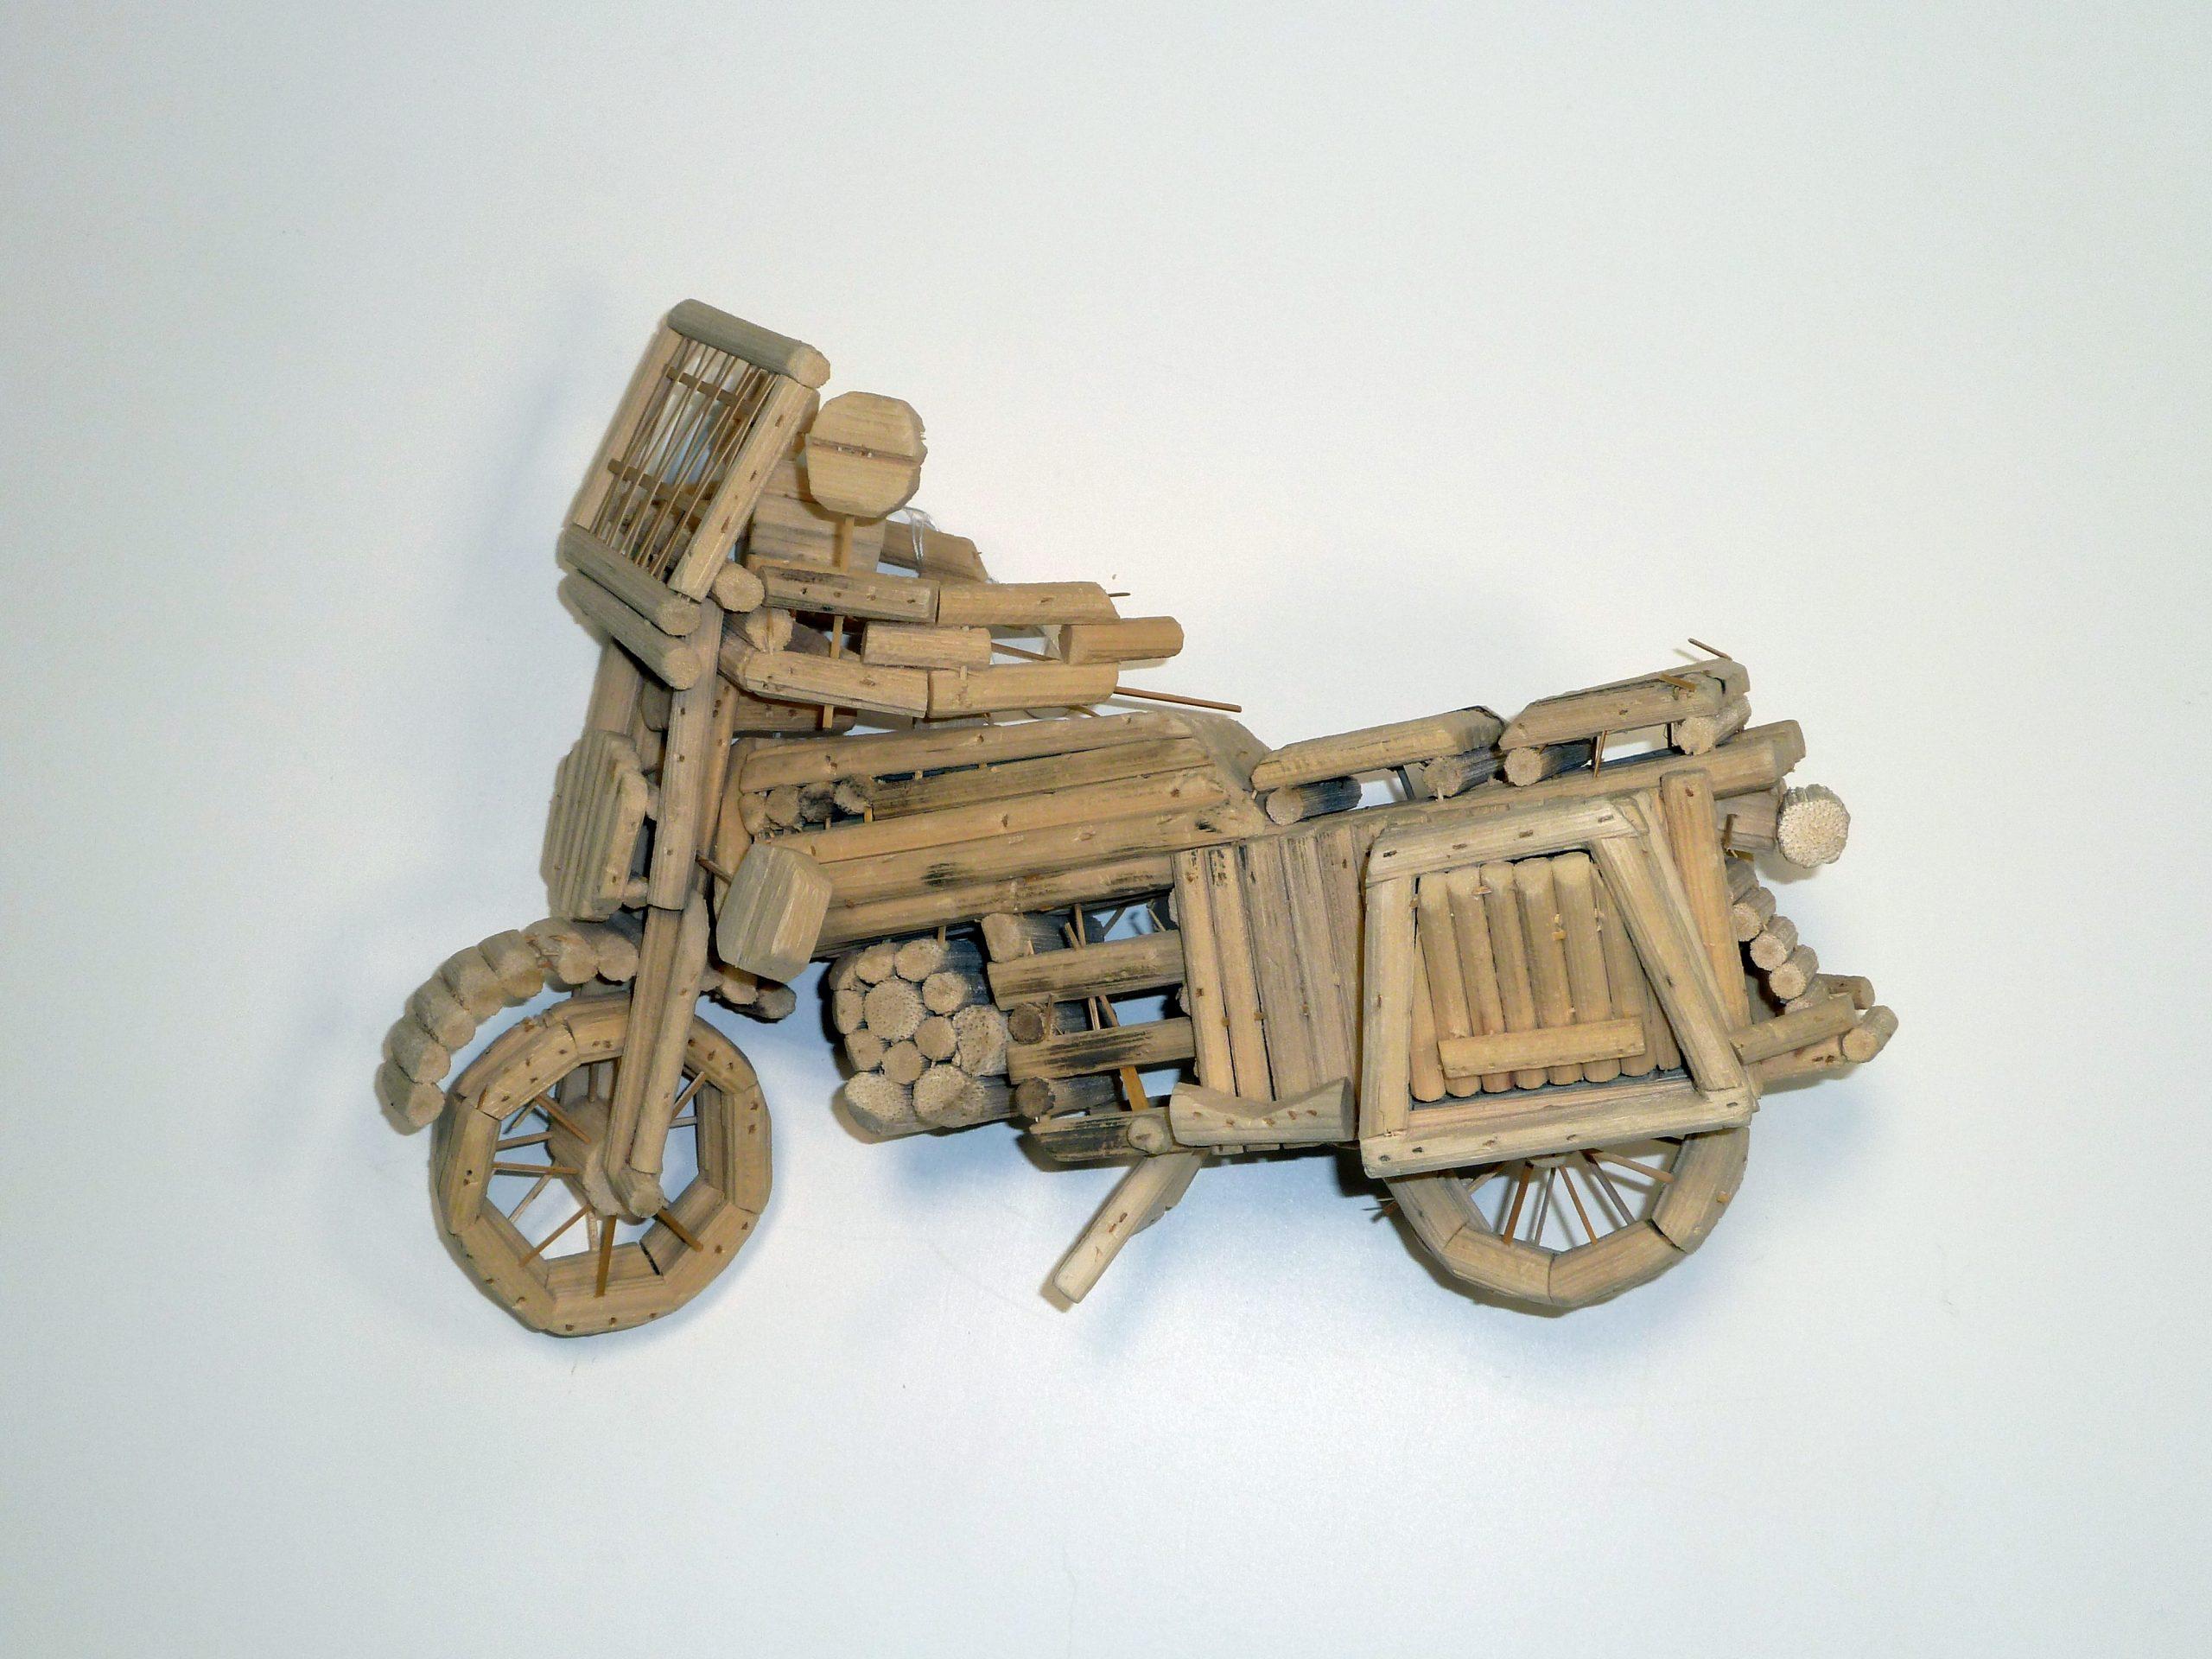 Motorradmodell aus Kamerun. Foto: Archiv- und Museumsstiftung der VEM